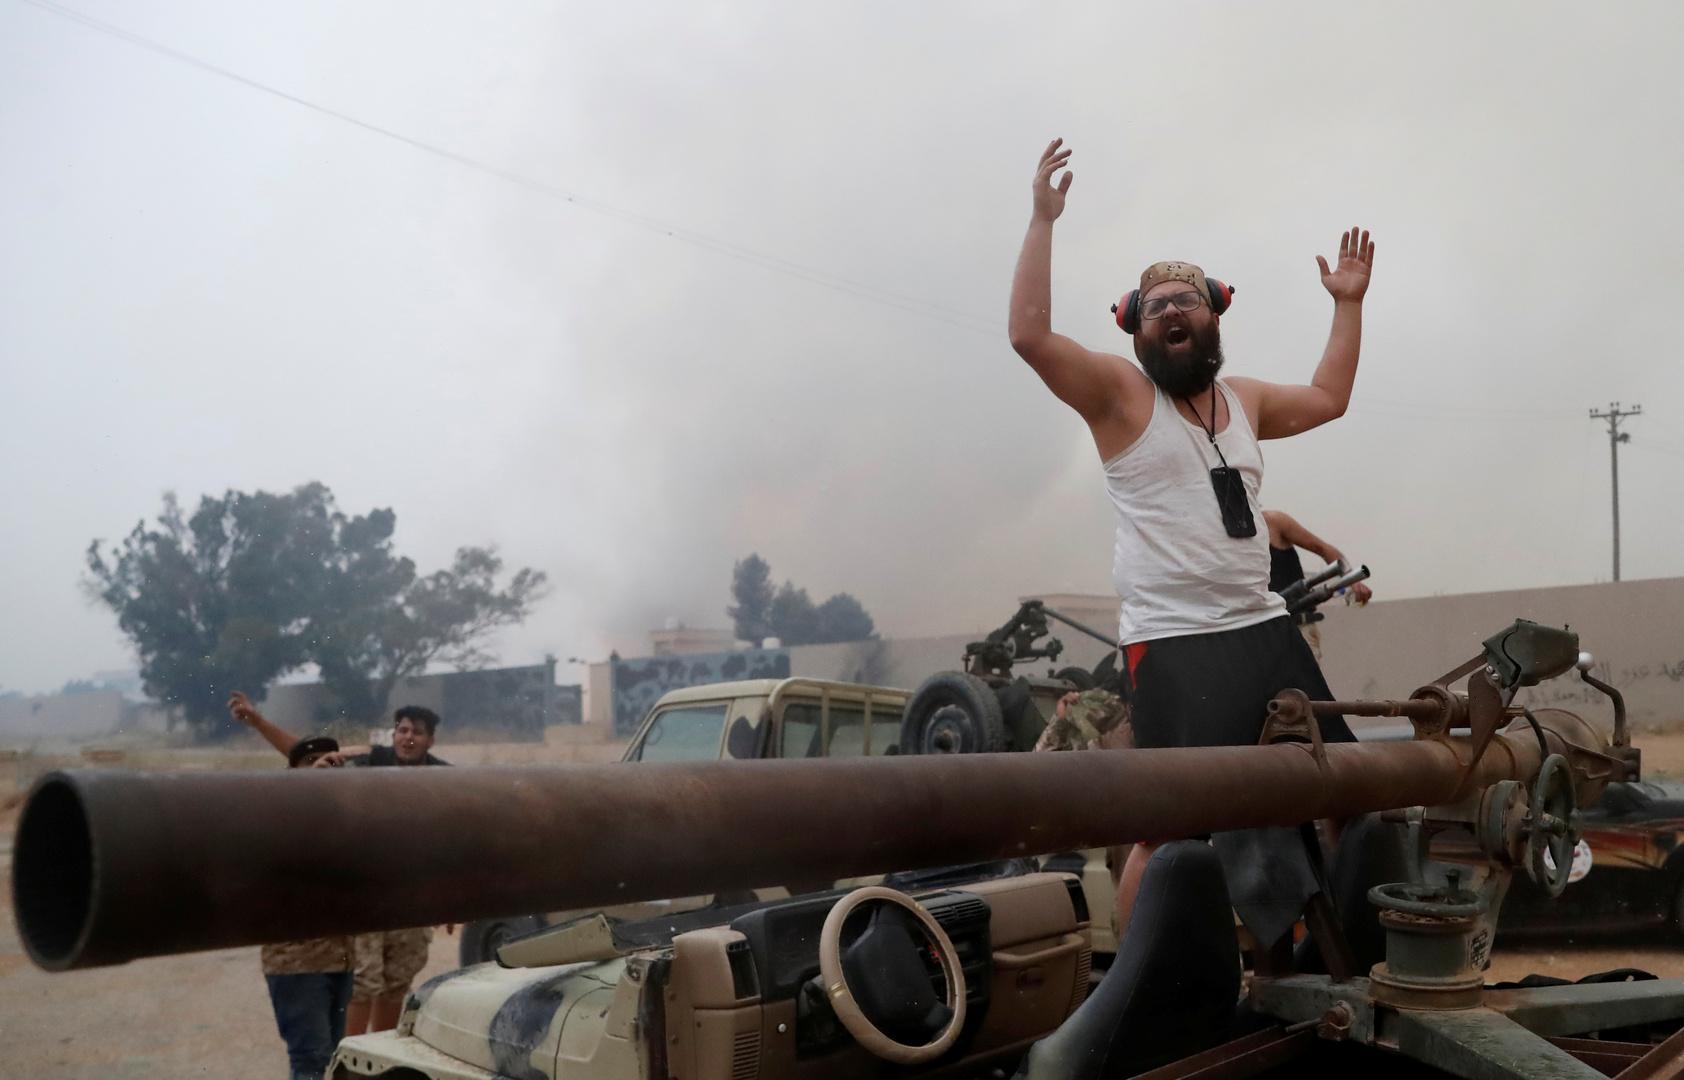 الوفاق: قوات حفتر لن تدخل طرابلس إلا في التوابيت والأيام القادمة ستكون جحيما عليها